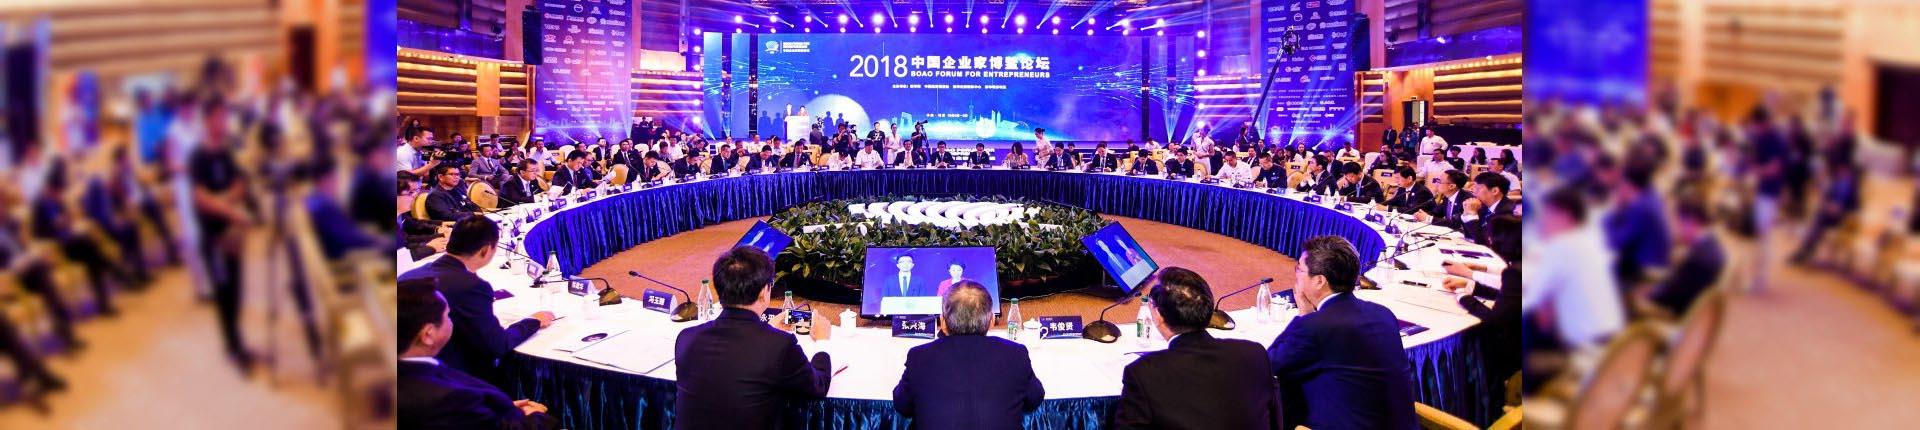 2018中國企業家博鰲論壇在海南博鰲召開